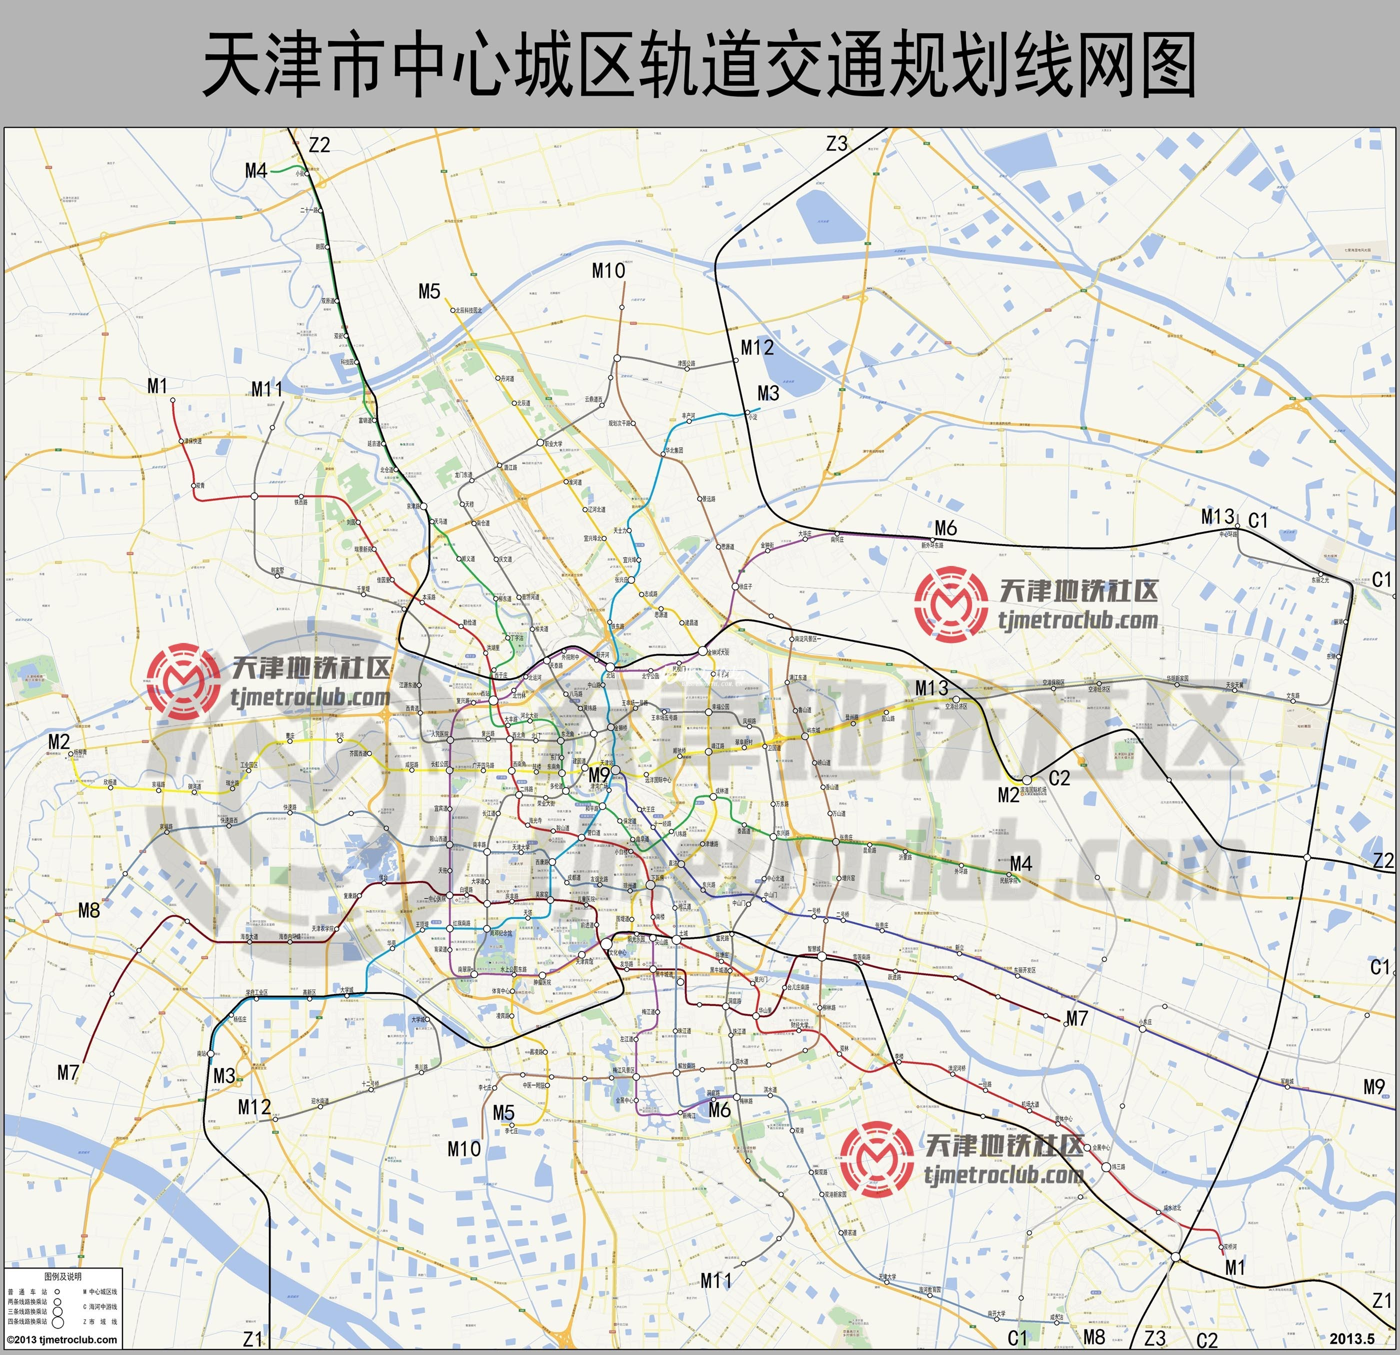 天津地铁13号线站点周边配套设施(交通+旅游+娱乐)